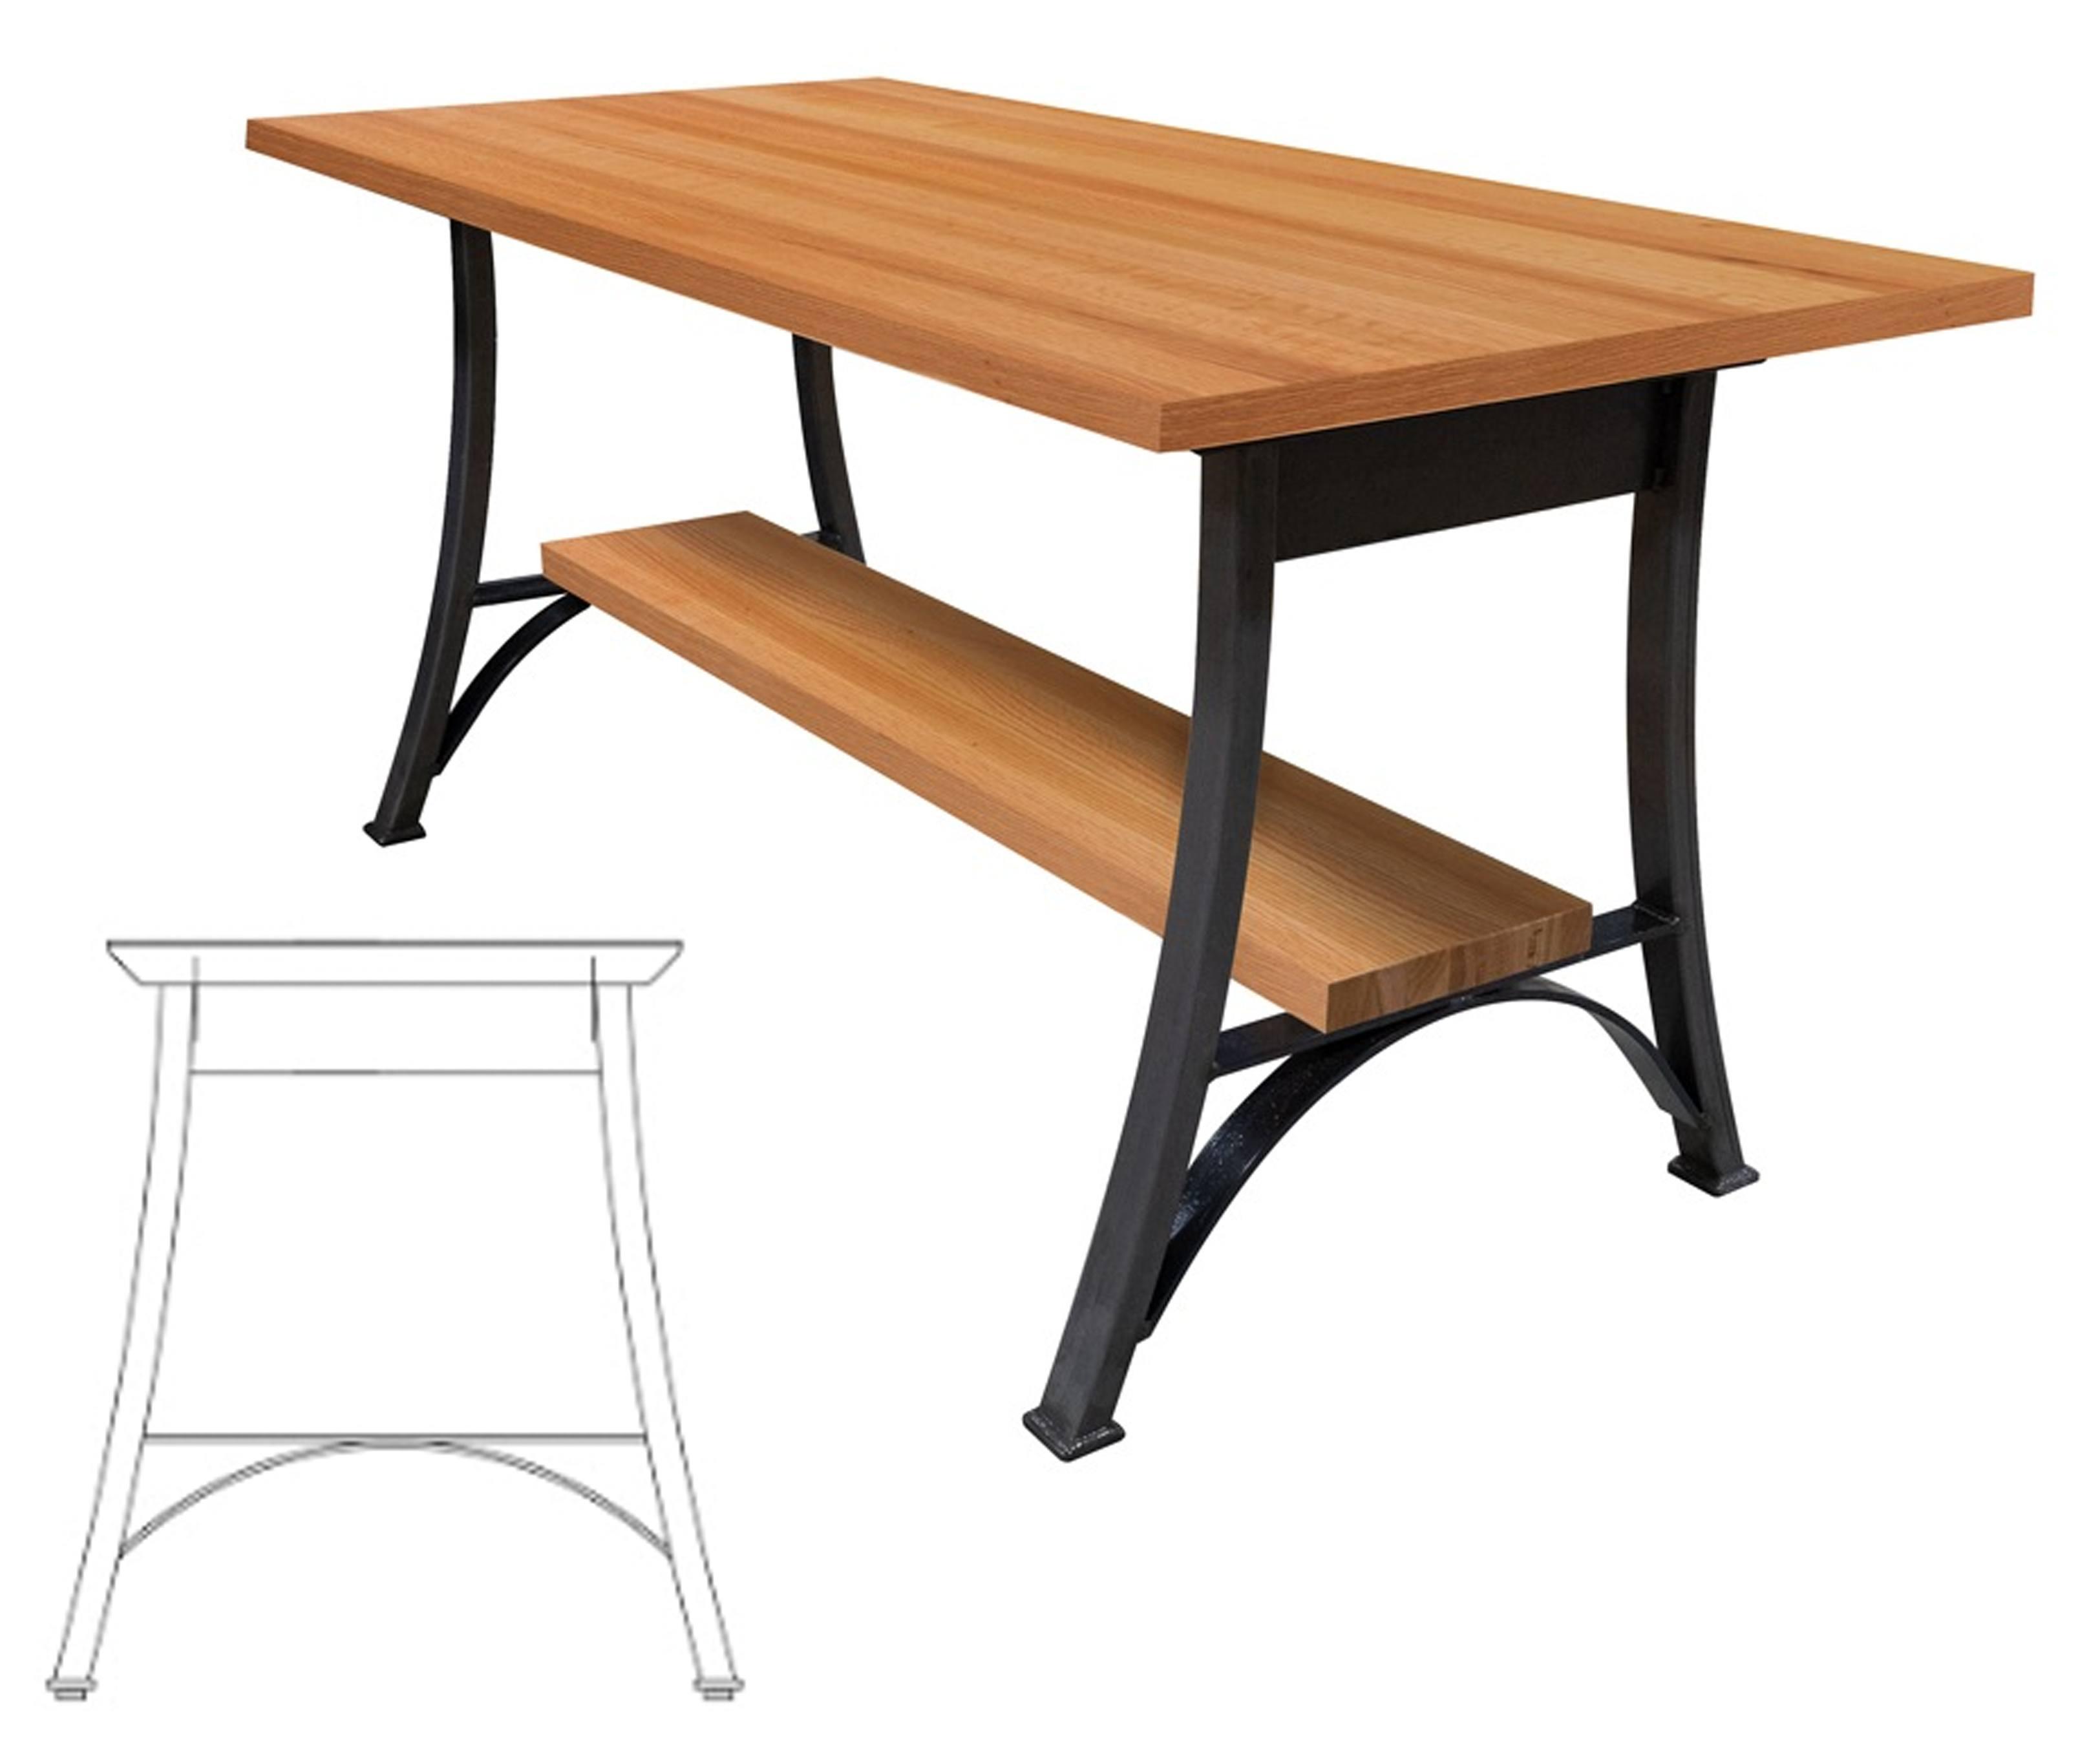 John Boos Oak Dining Table